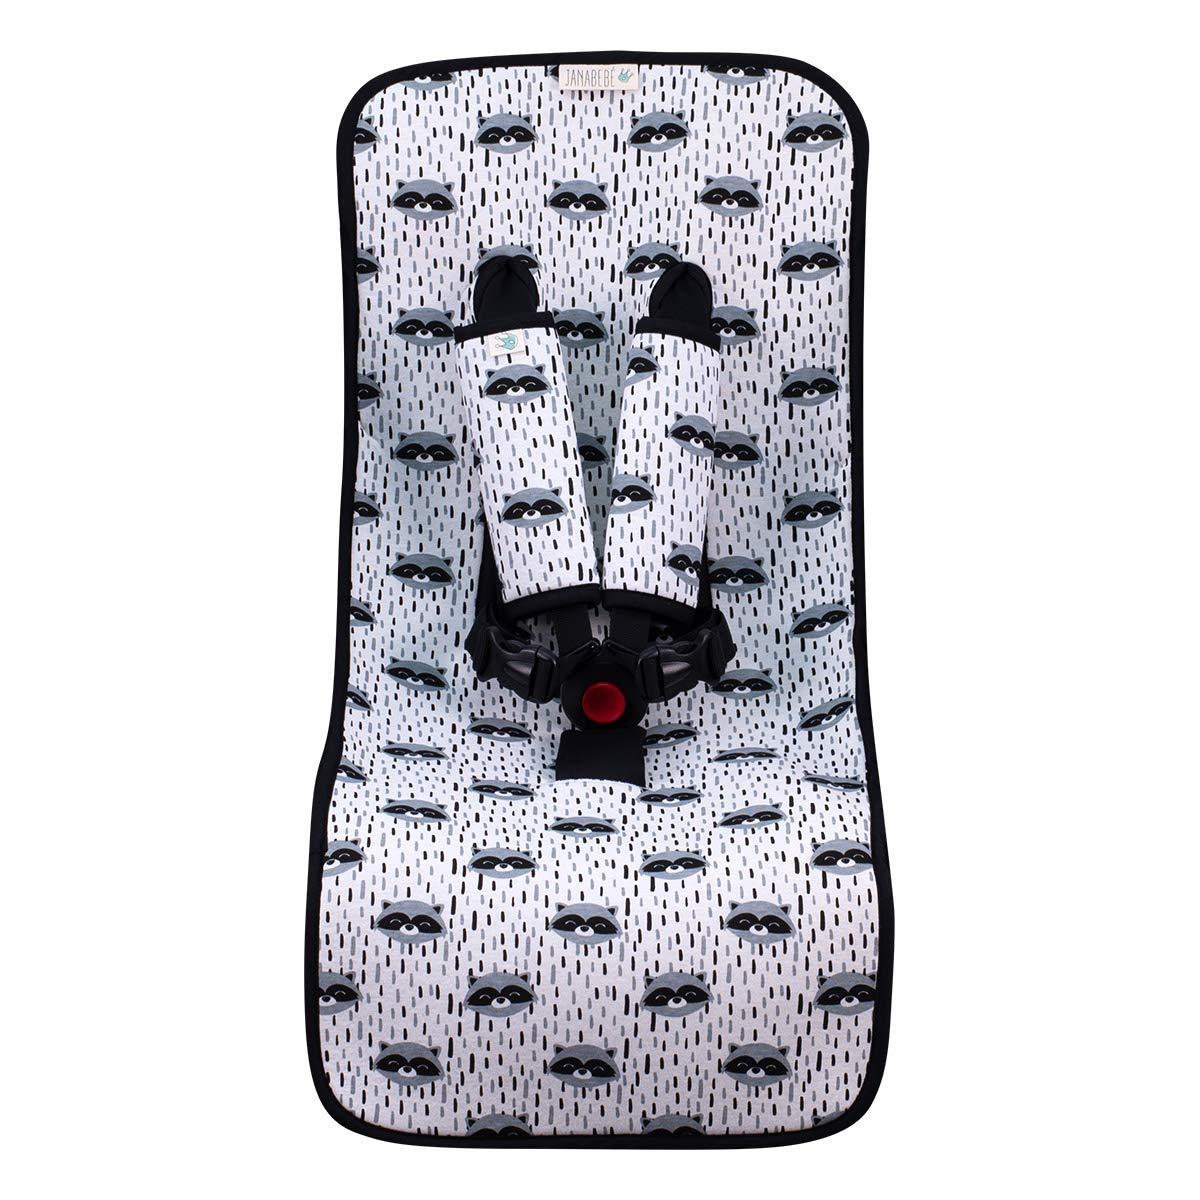 Janabebé Universal Luxury Foam Cover Liner for Stroller (Raccoon)